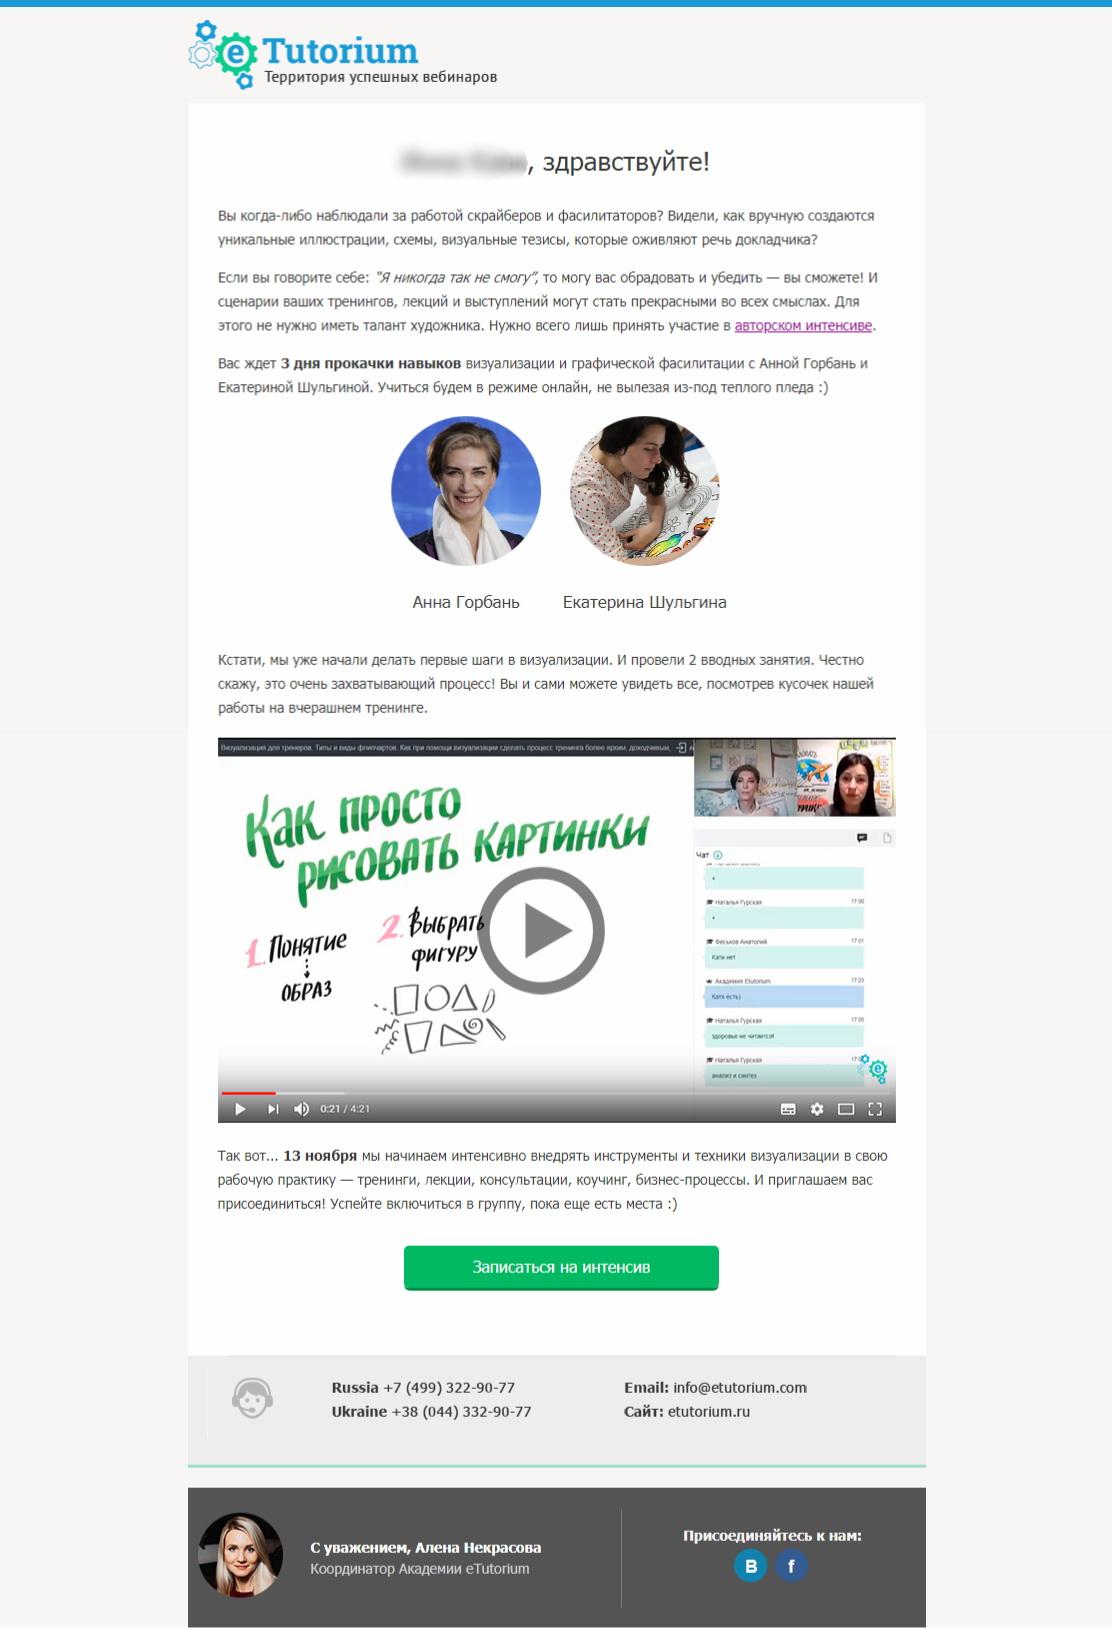 Серия писем для обучающей программы по визуализации тренингов от eTutorium: приглашение на трехдневный интенсив